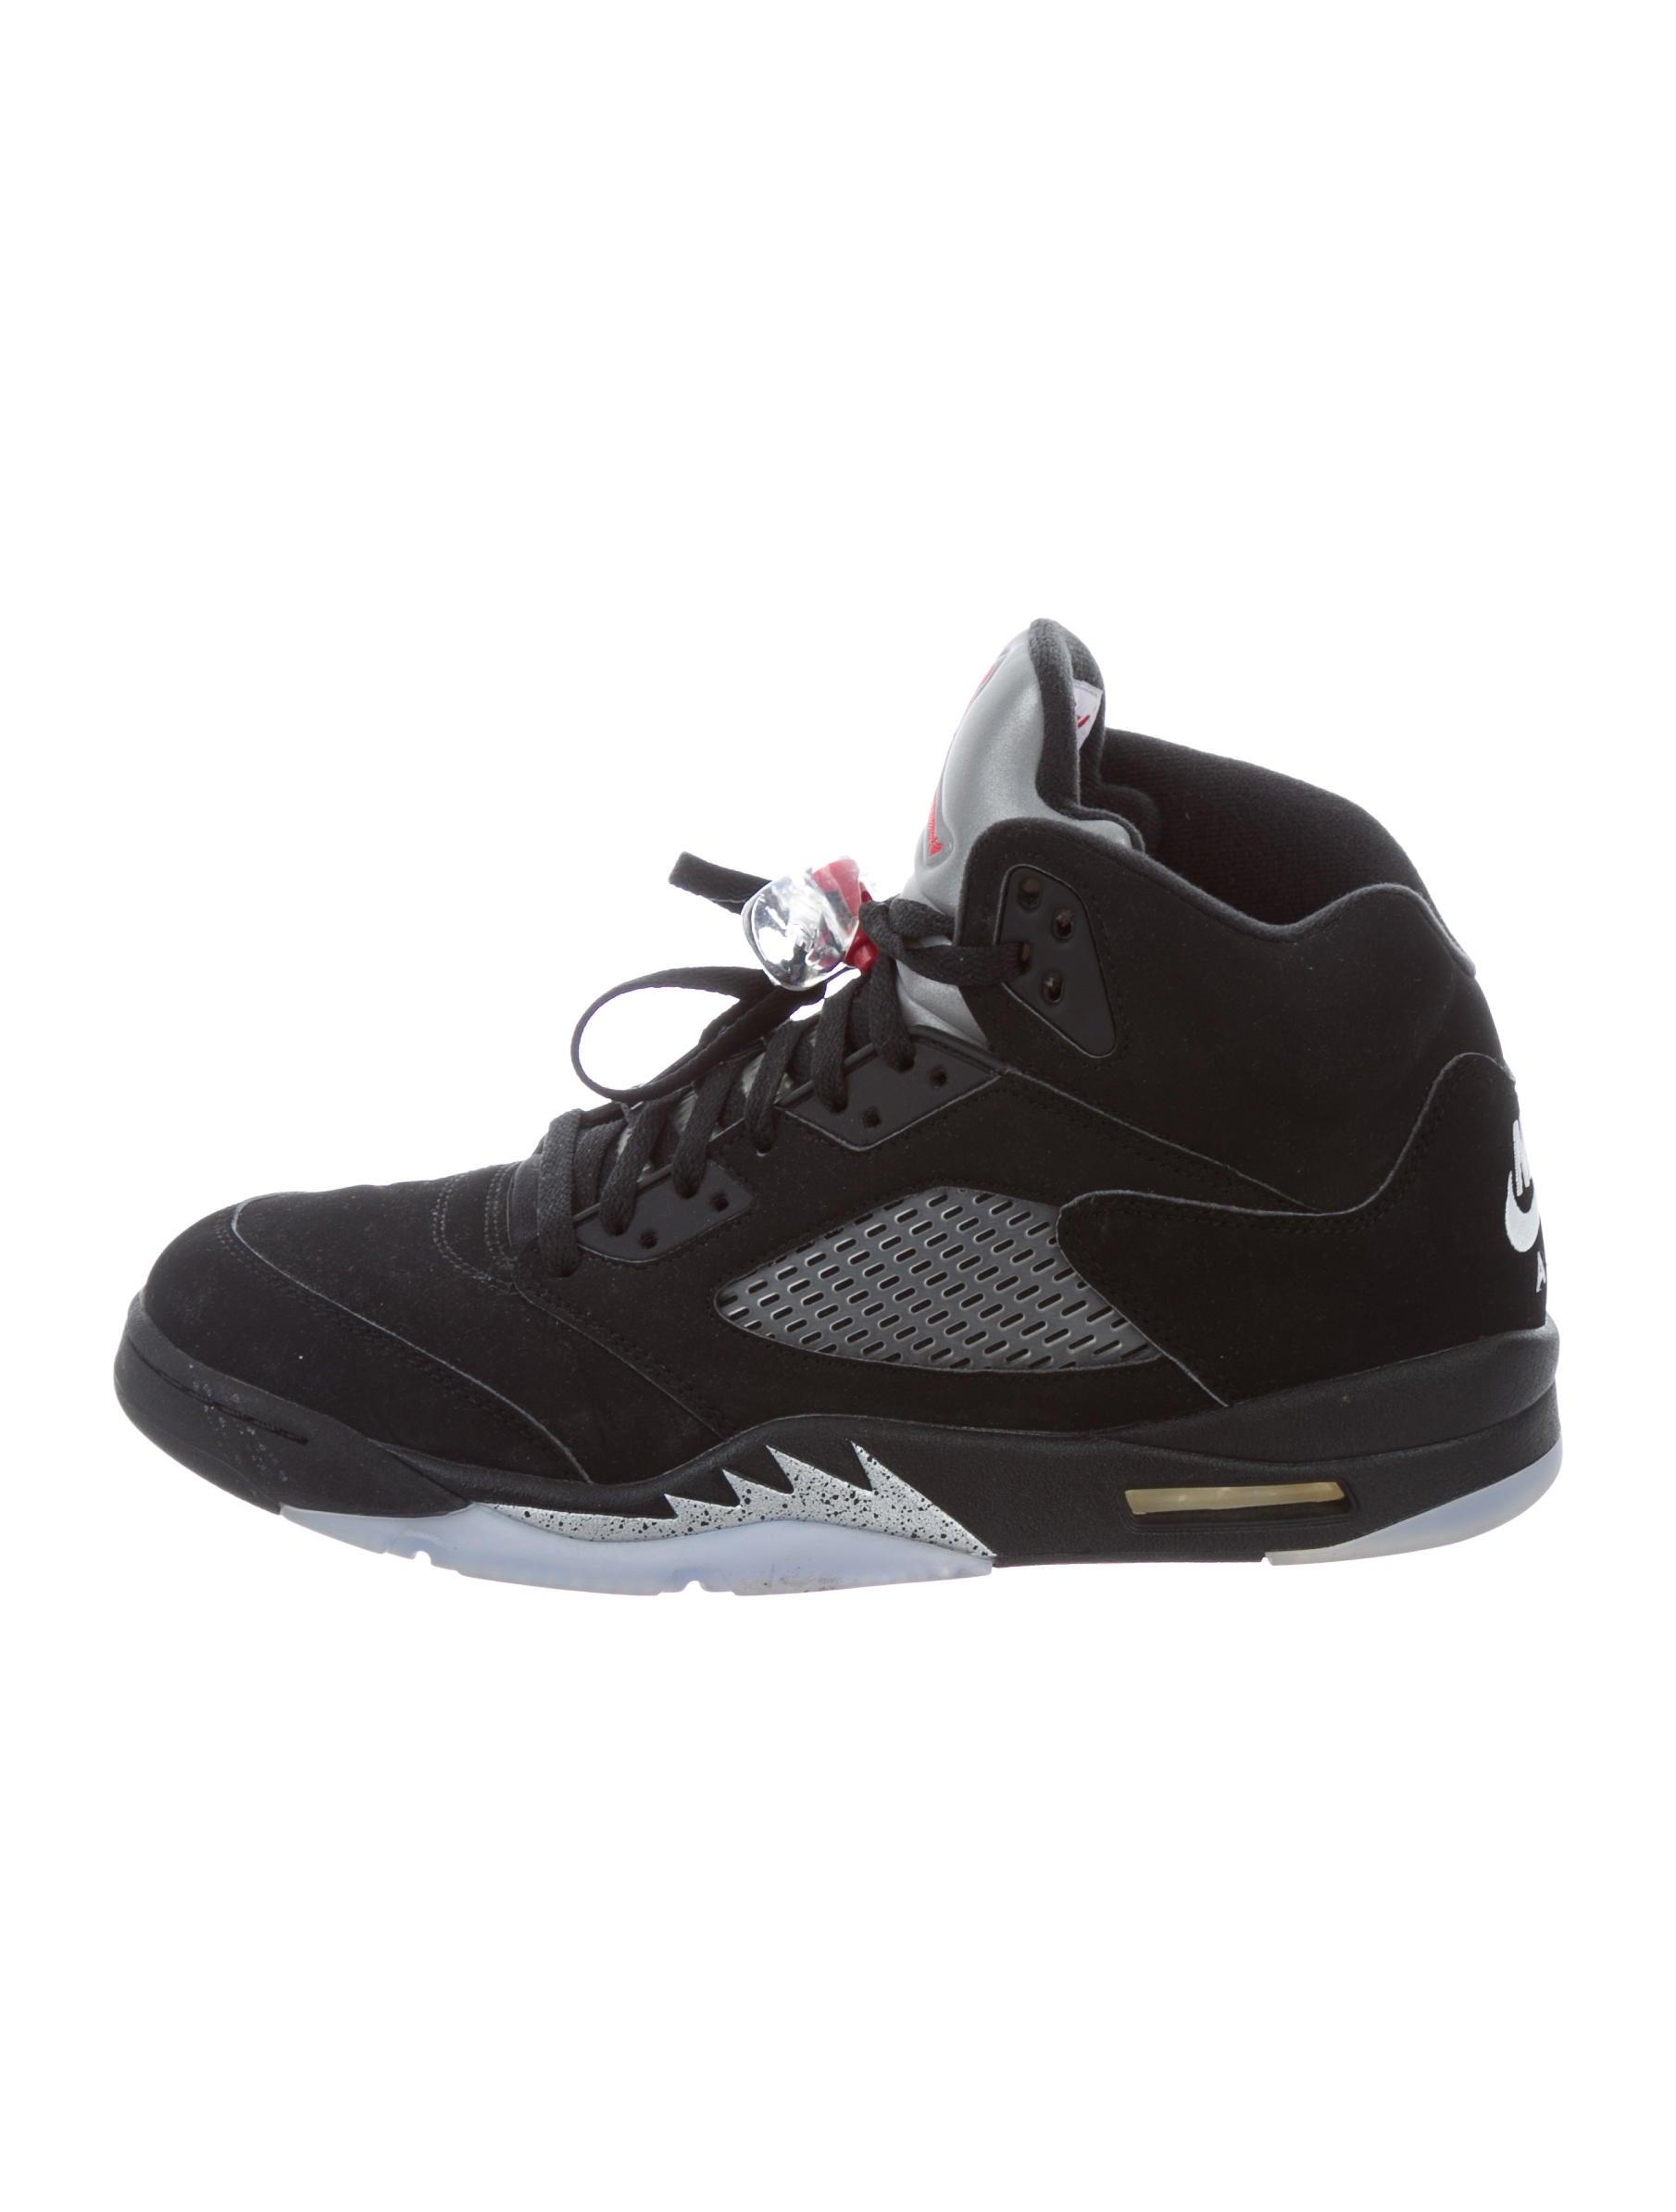 Nike Air Jordan 5 Retro Og Sneakers Shoes Wu221371